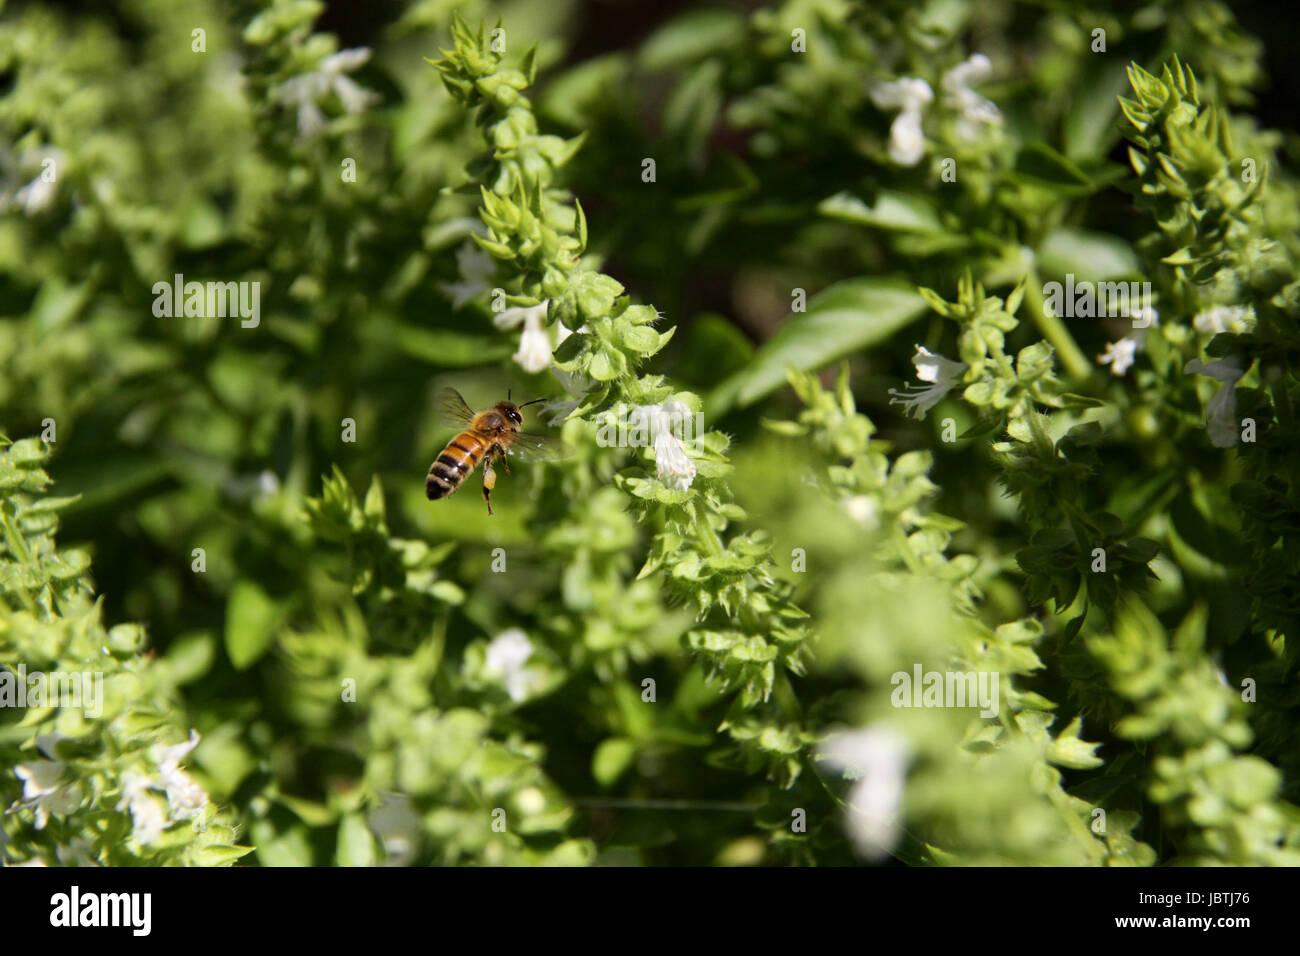 Macro (primer plano) de abeja volando alrededor de albahaca blanca flores tomada con una velocidad de obturación alta Foto de stock